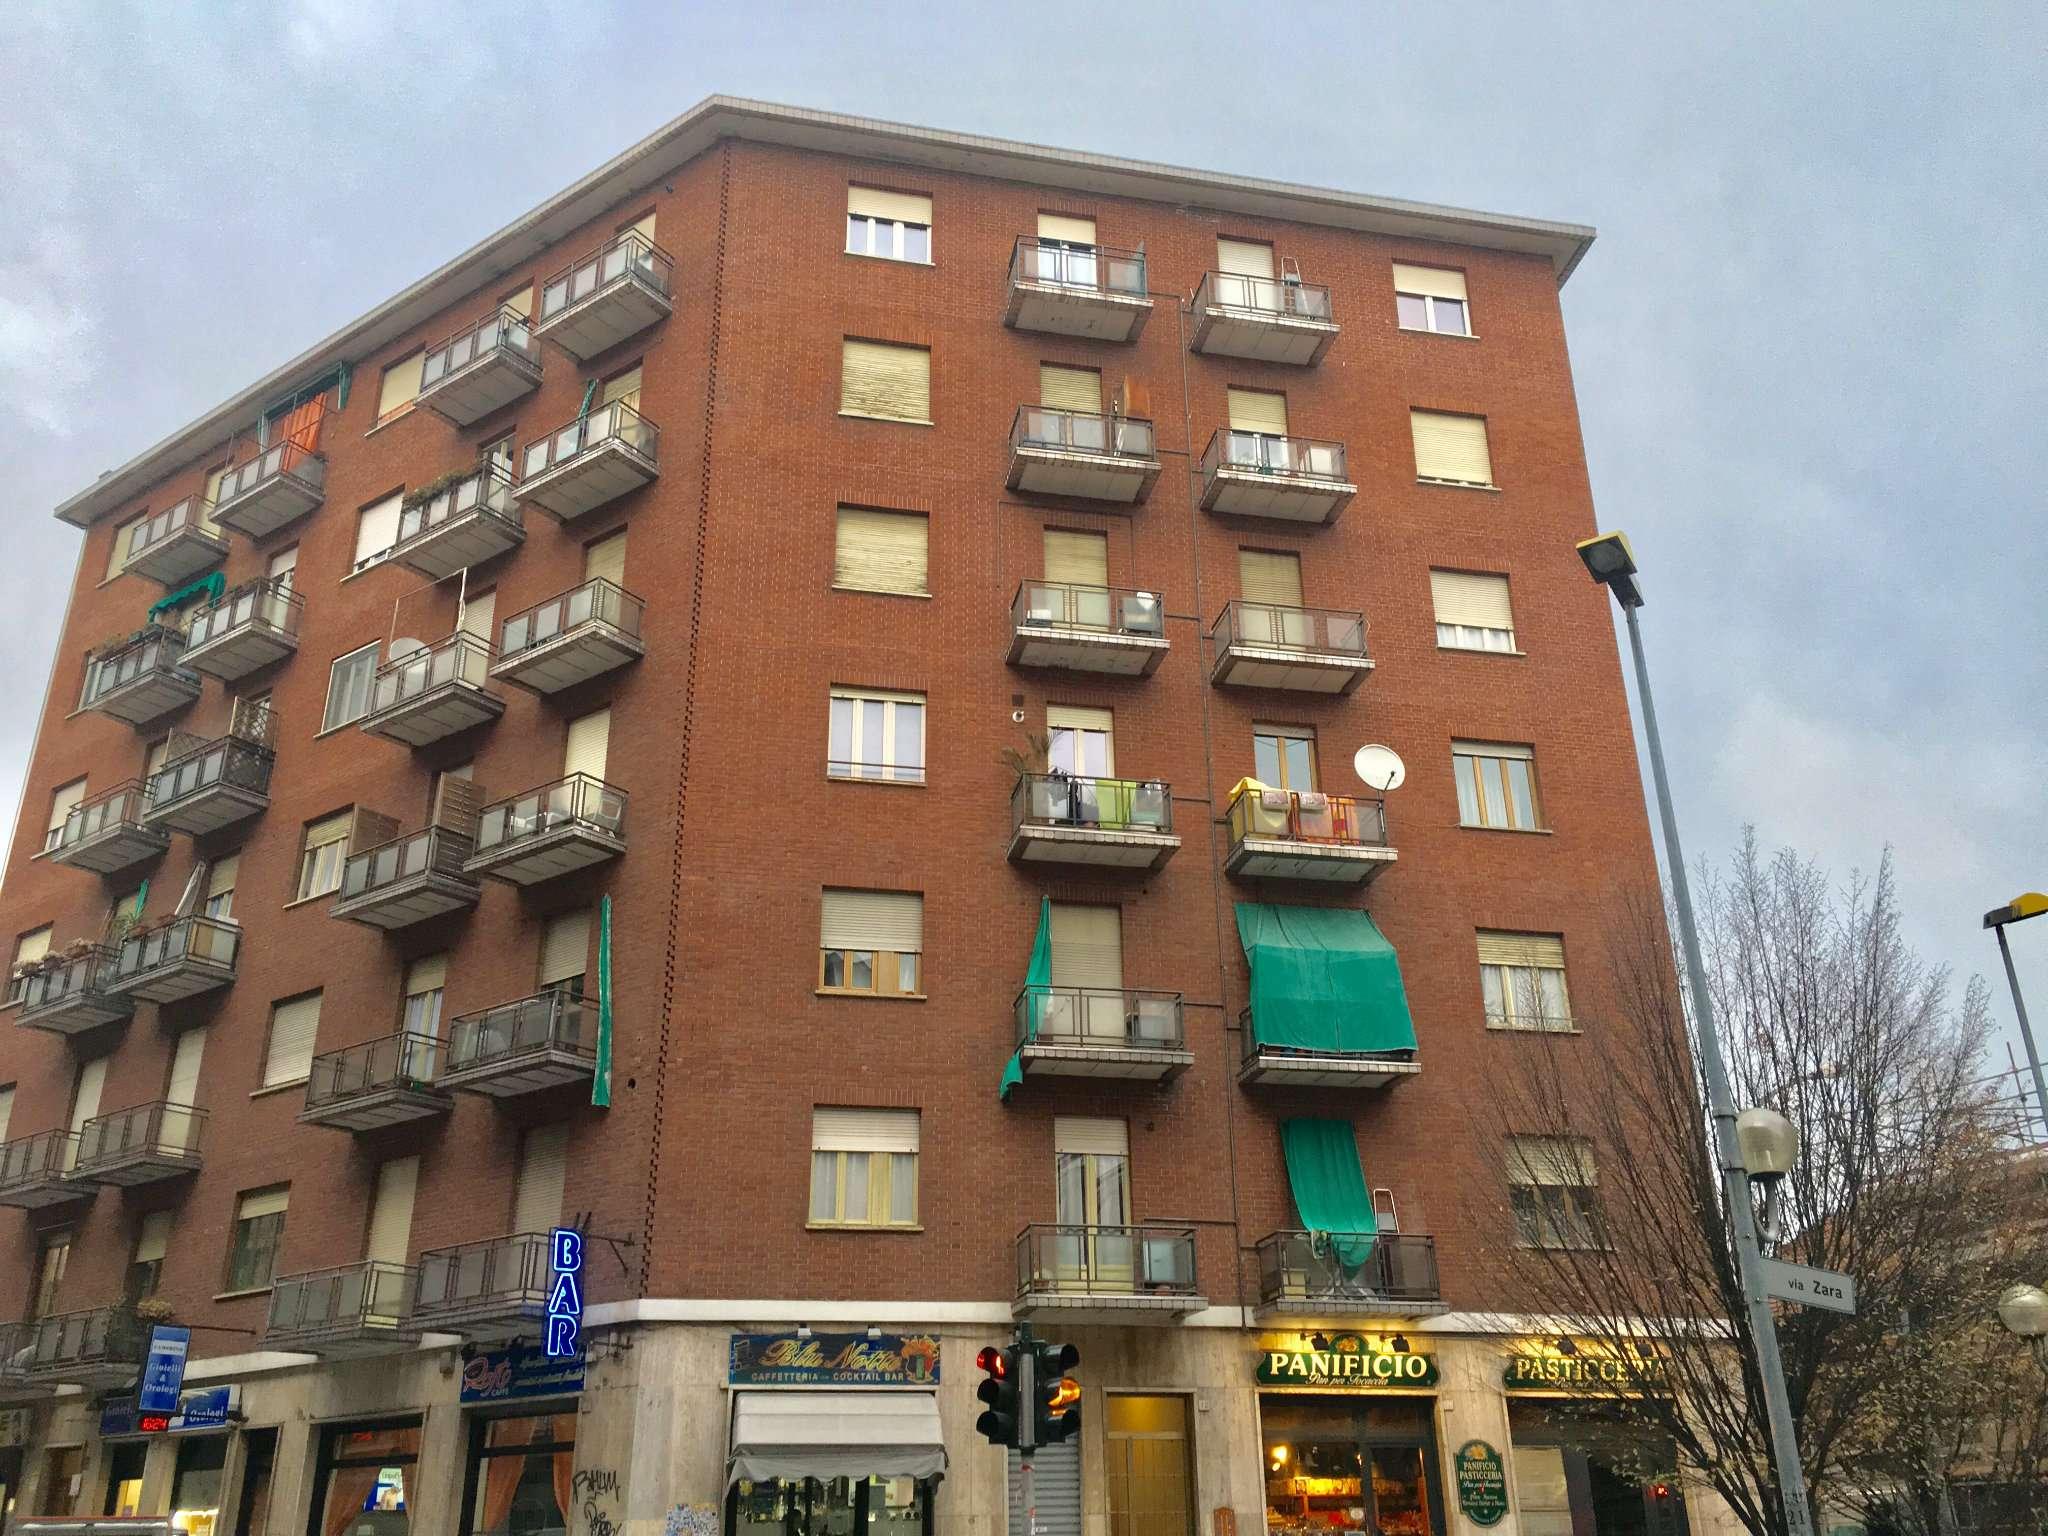 Appartamento in affitto a Moncalieri, 2 locali, prezzo € 420 | CambioCasa.it